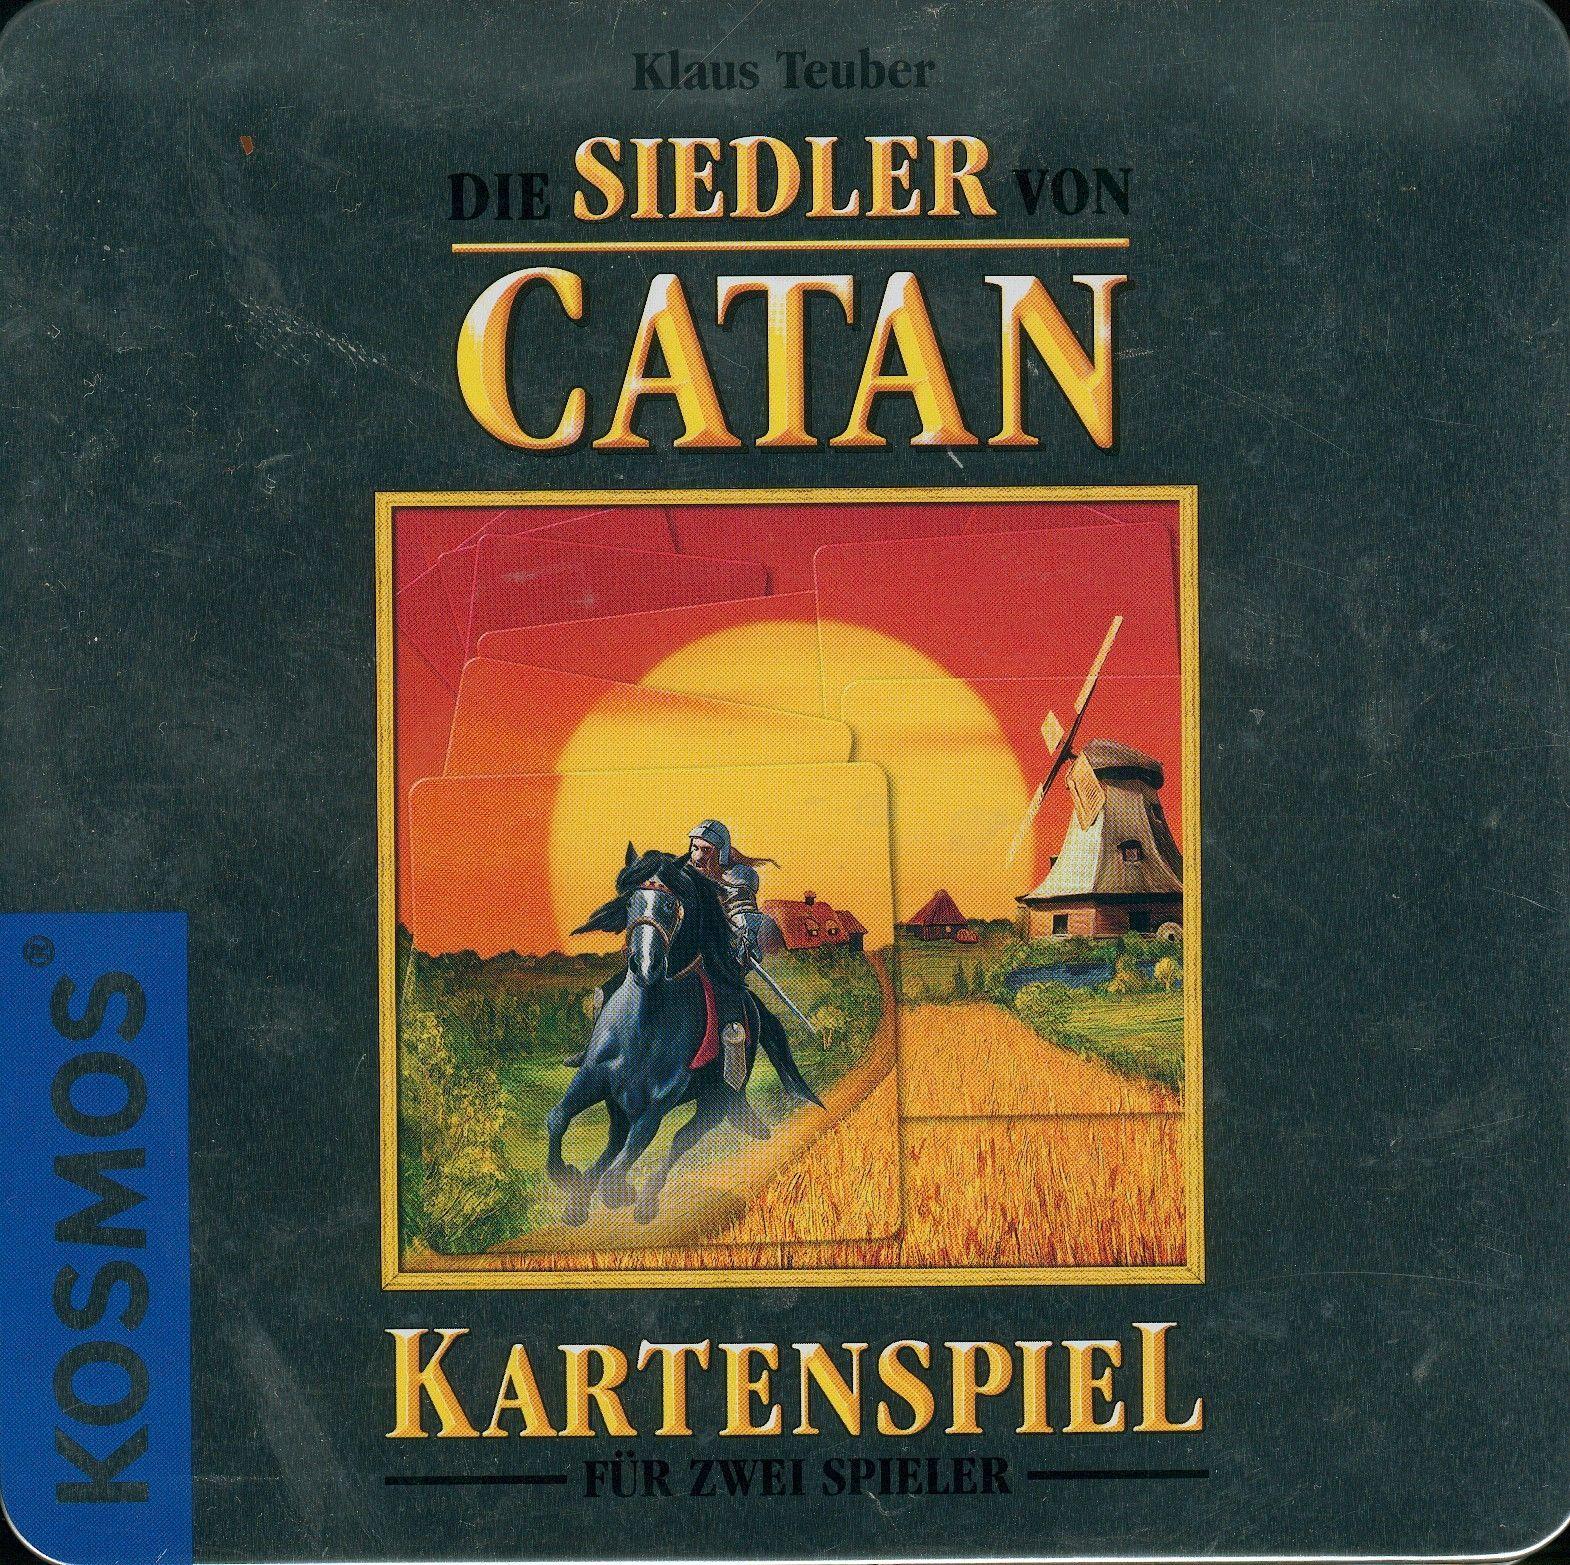 Die Siedler von Catan: Das Kartenspiel – 10th Anniversary Special Edition Tin Box